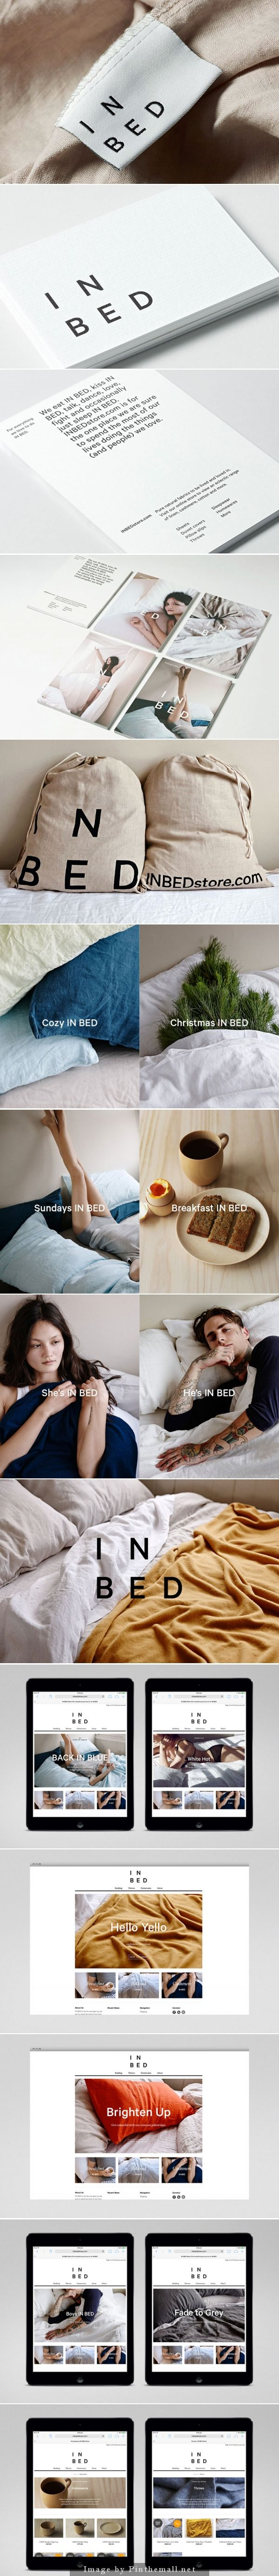 In Bed | Moffitt.Moffitt.